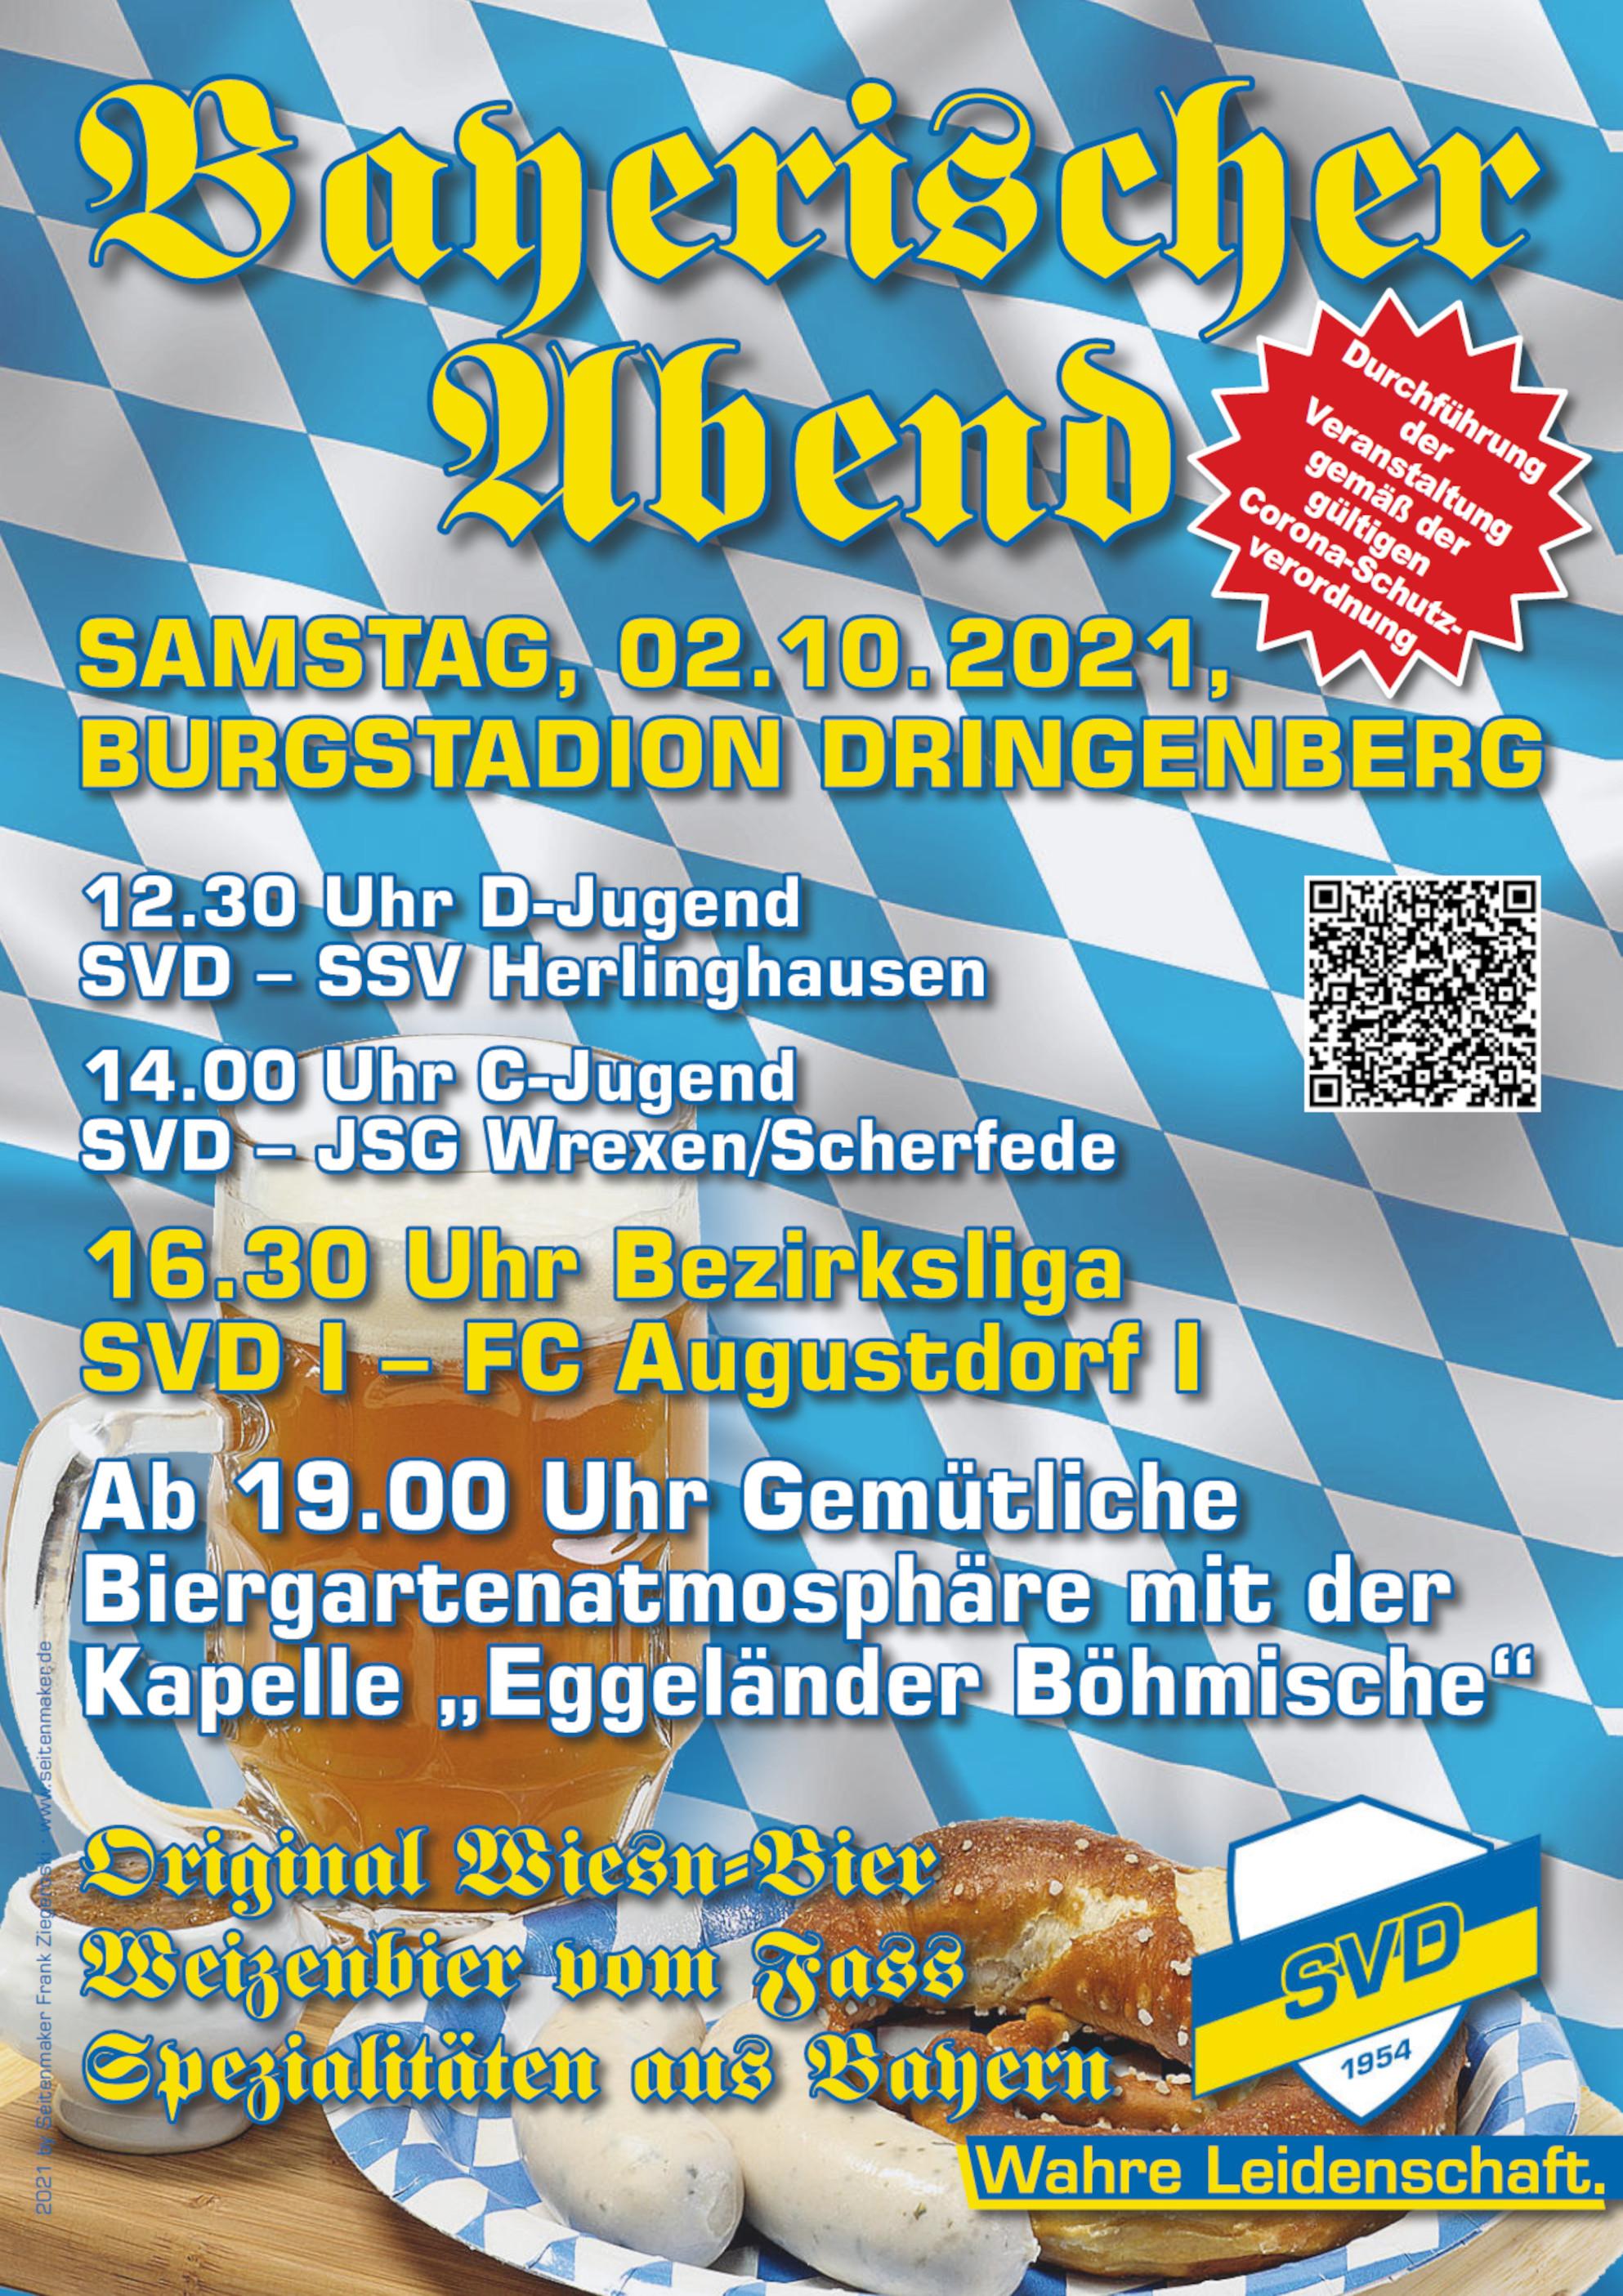 Bayerischer Abend 2021